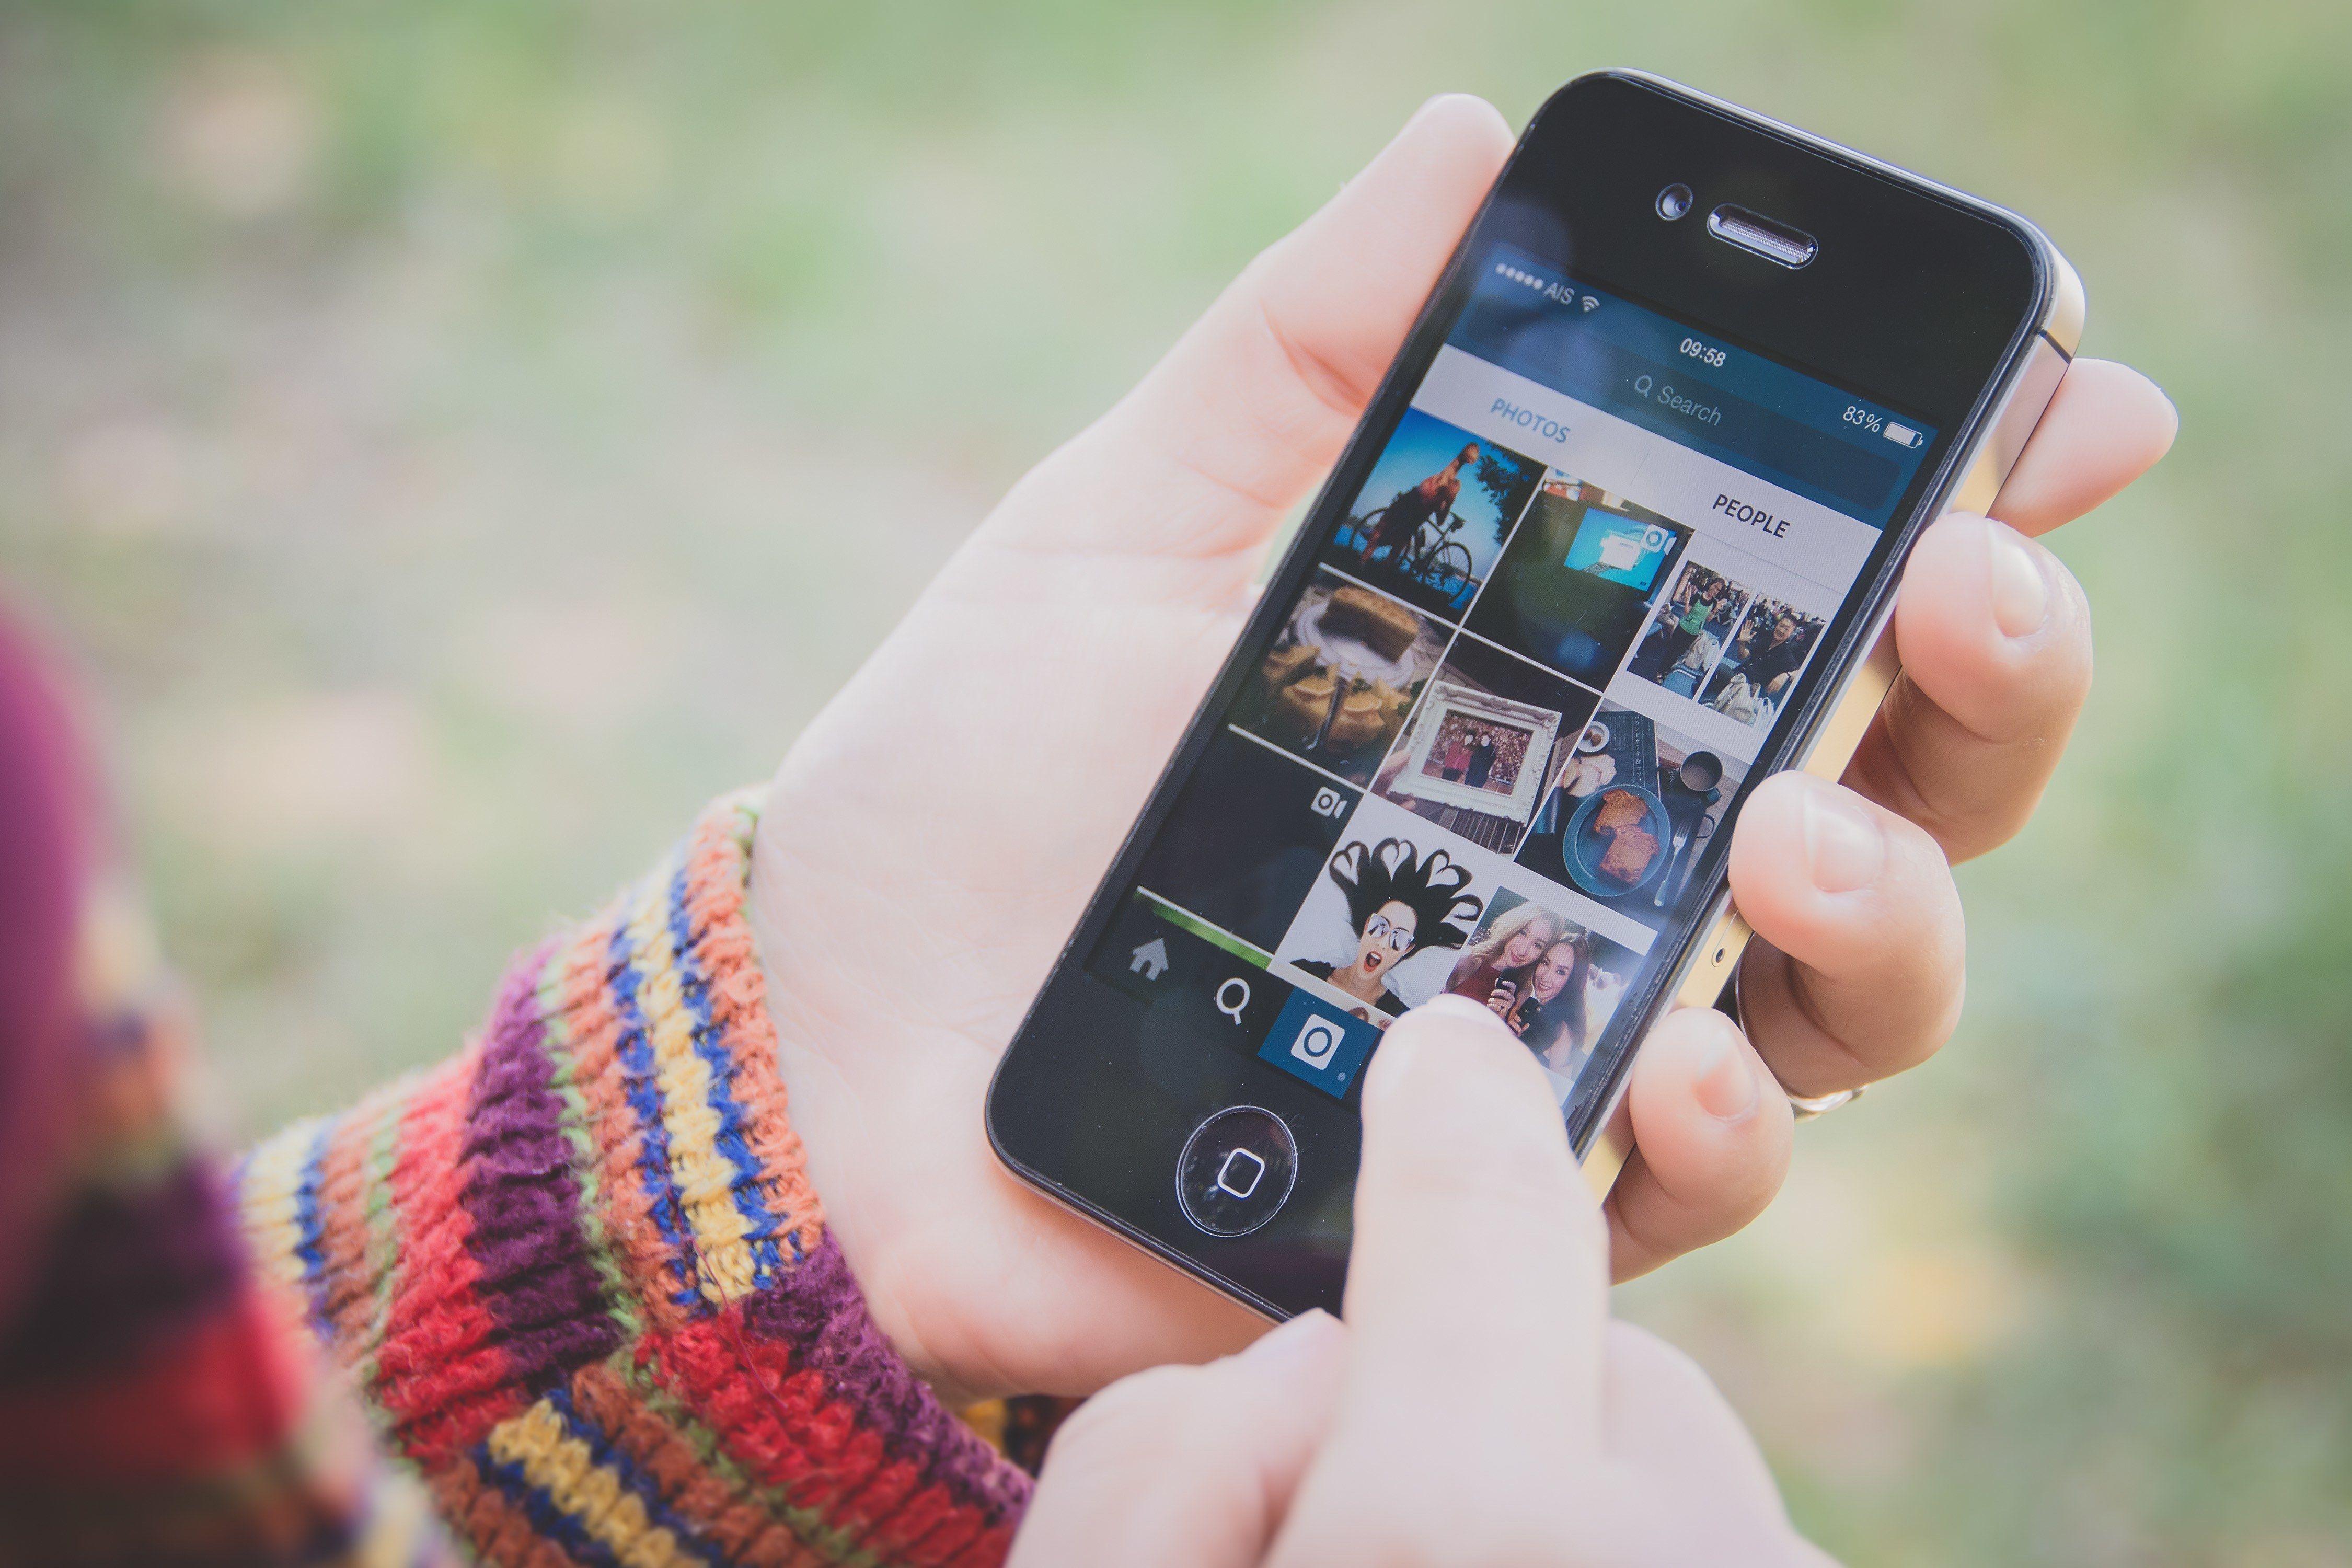 来自 Instagram 最简单的拼图应用 | 豌豆荚设计奖:Layout